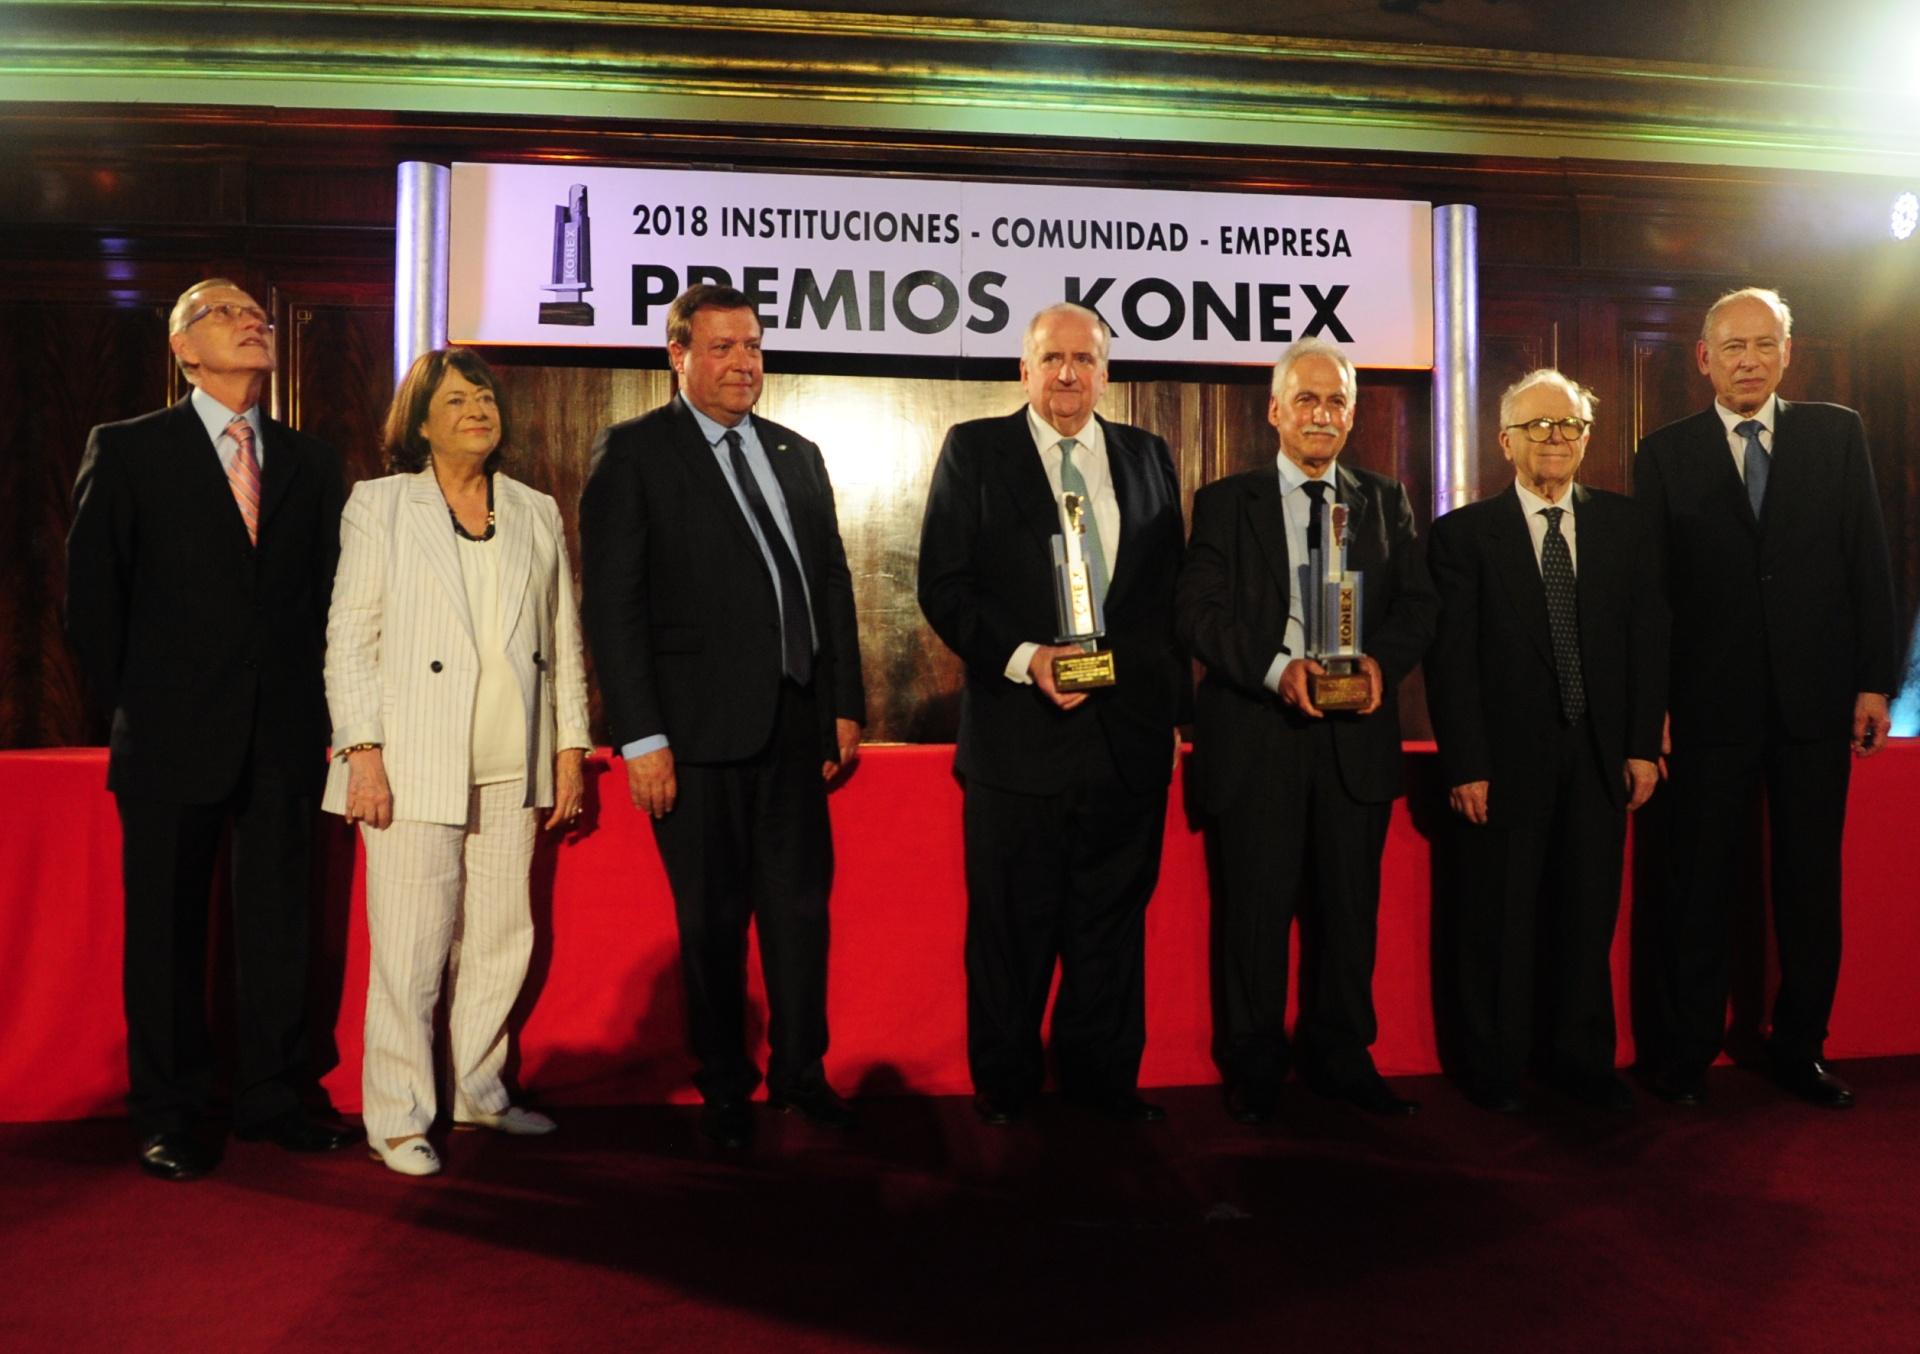 Entre los Konex de Platino, el Gran Jurado seleccionó a las personalidades e instituciones más destacadas de la década en la Argentina, para recibir el Konex de Brillante, máximo galardón que otorga la Fundación Konex. La decisión del Gran Jurado fue que el Konex de Brillante sea compartido por INVAP y por Luis Pagani